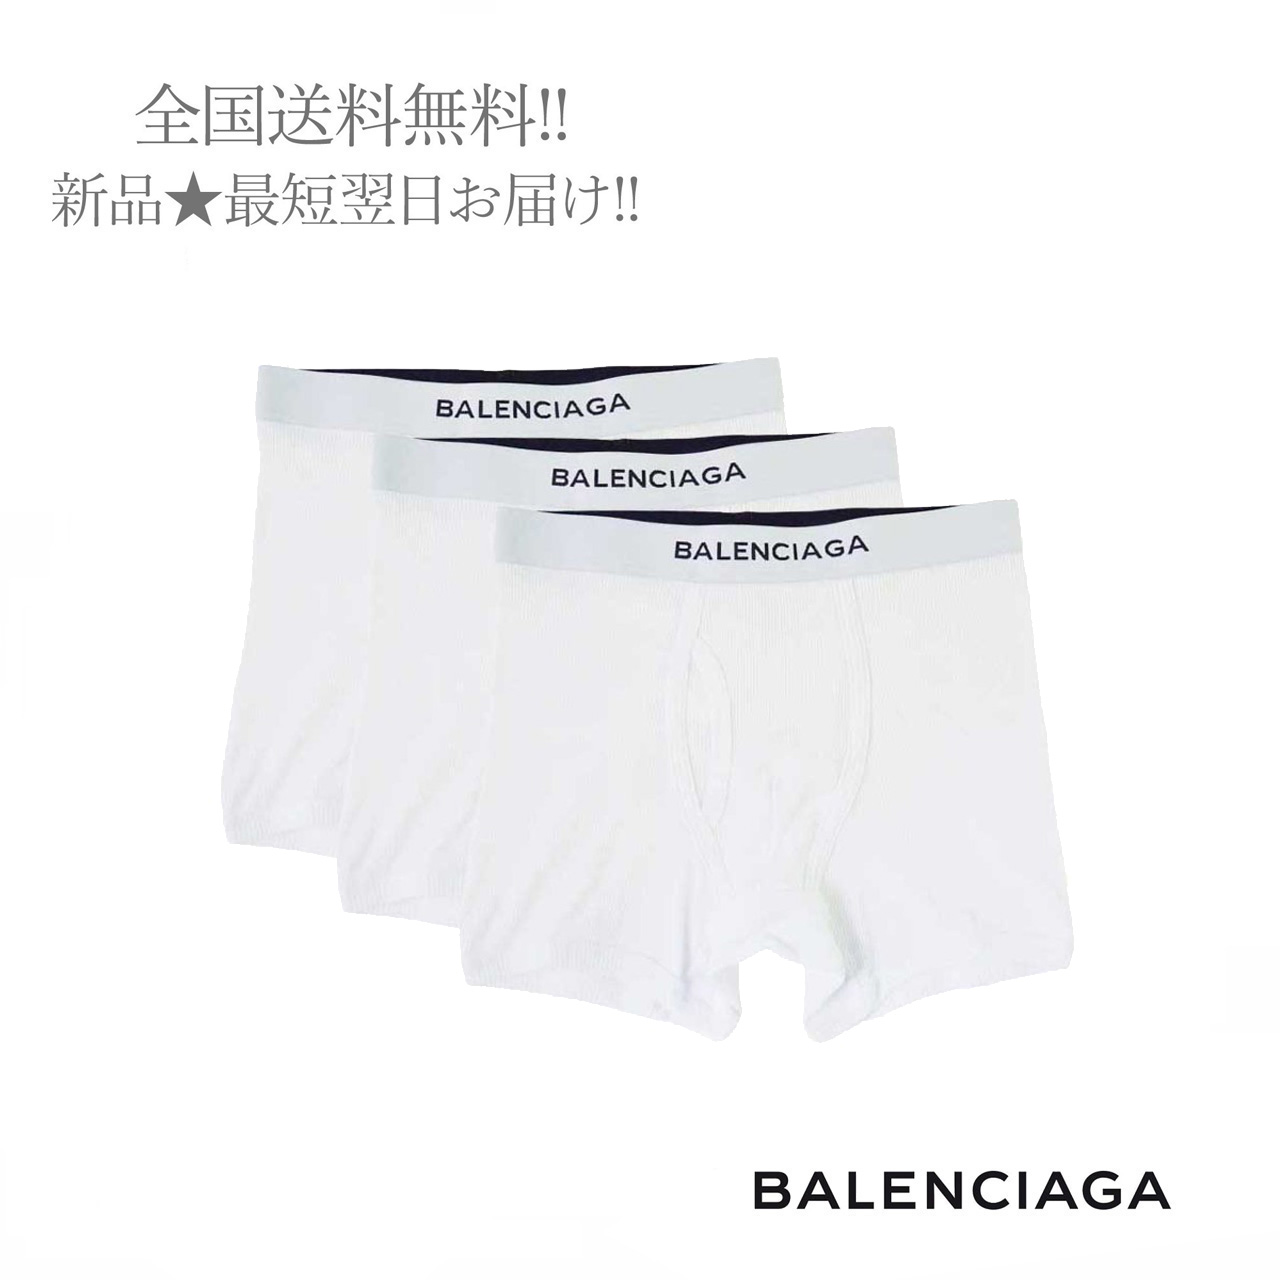 BALENCIAGA バレンシアガ ボクサーパンツ 3枚セット インナー ロゴ 激安超特価 ホワイト 男 全品送料無料 メンズ イタリア製 新品 9000